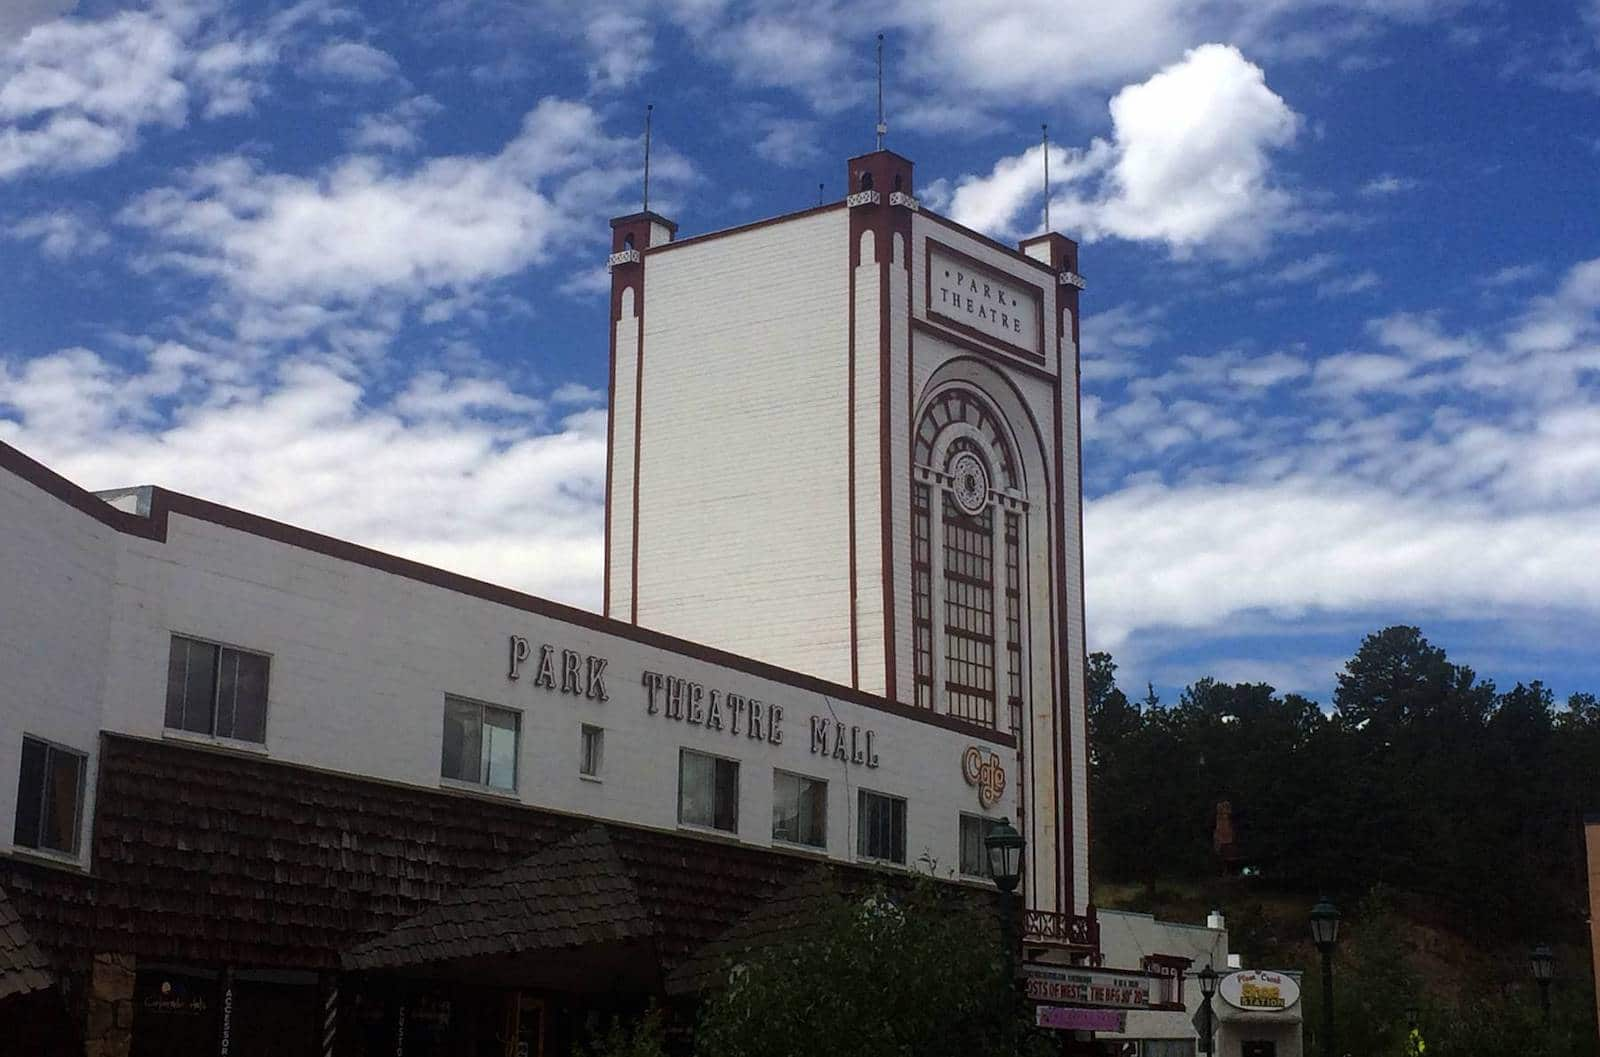 Image of Park Theatre in Estes Park, Colorado